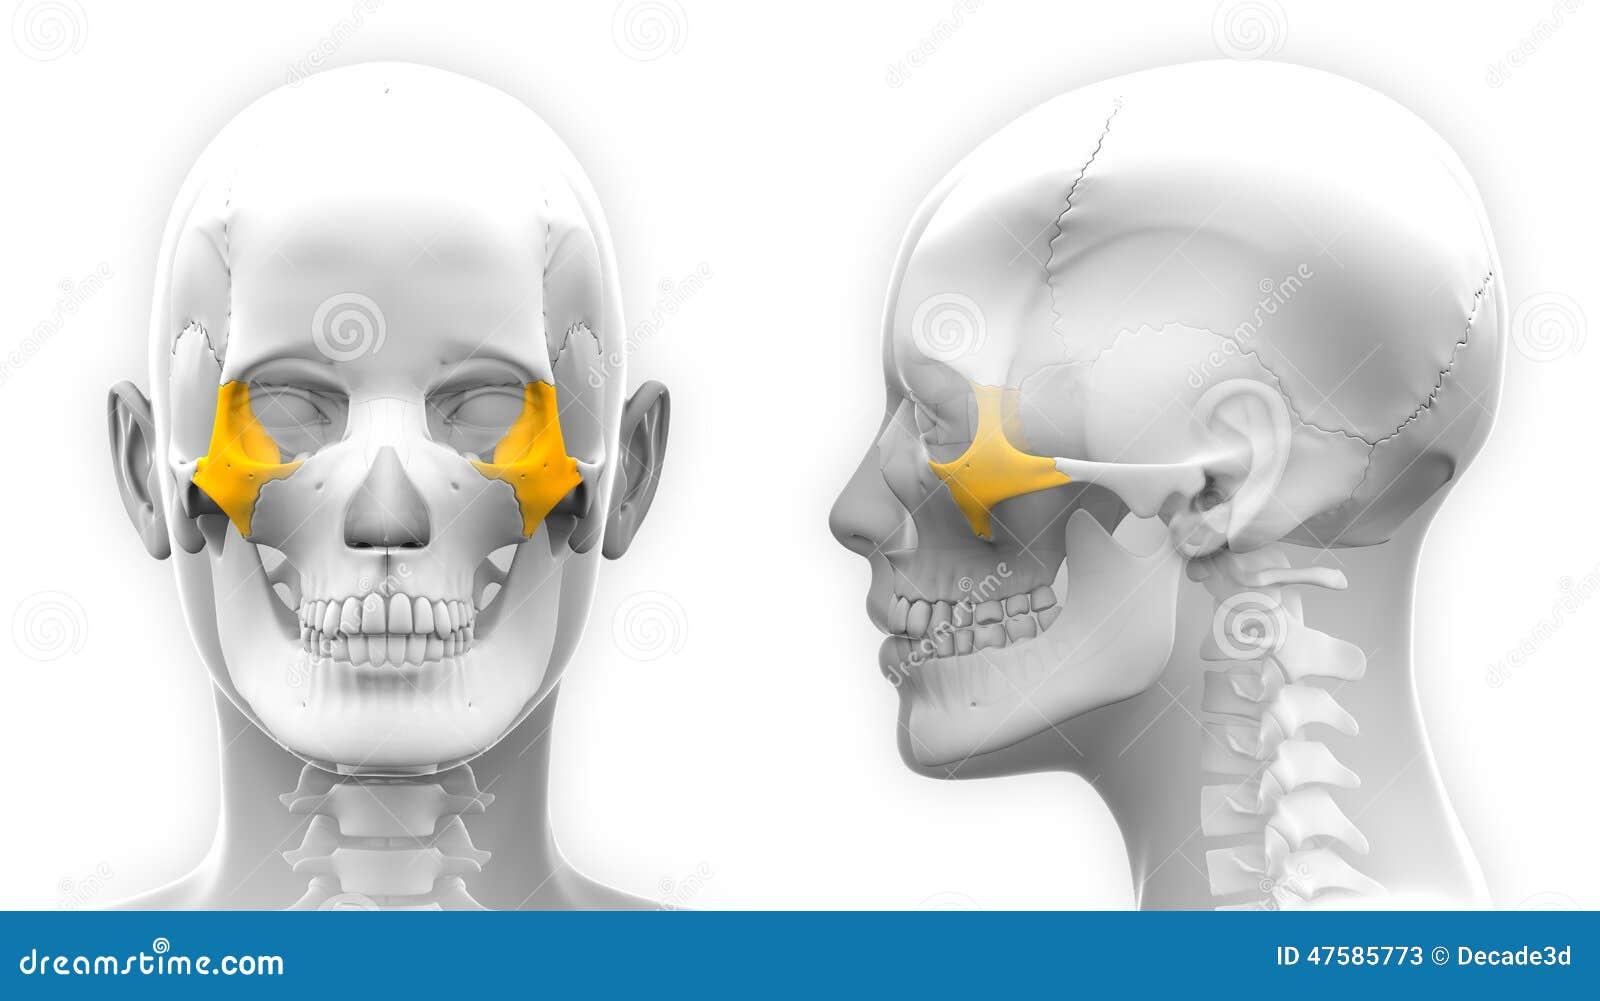 Weibliche Zygomatic Knochen-Schädel-Anatomie - Blaues Konzept Stock ...